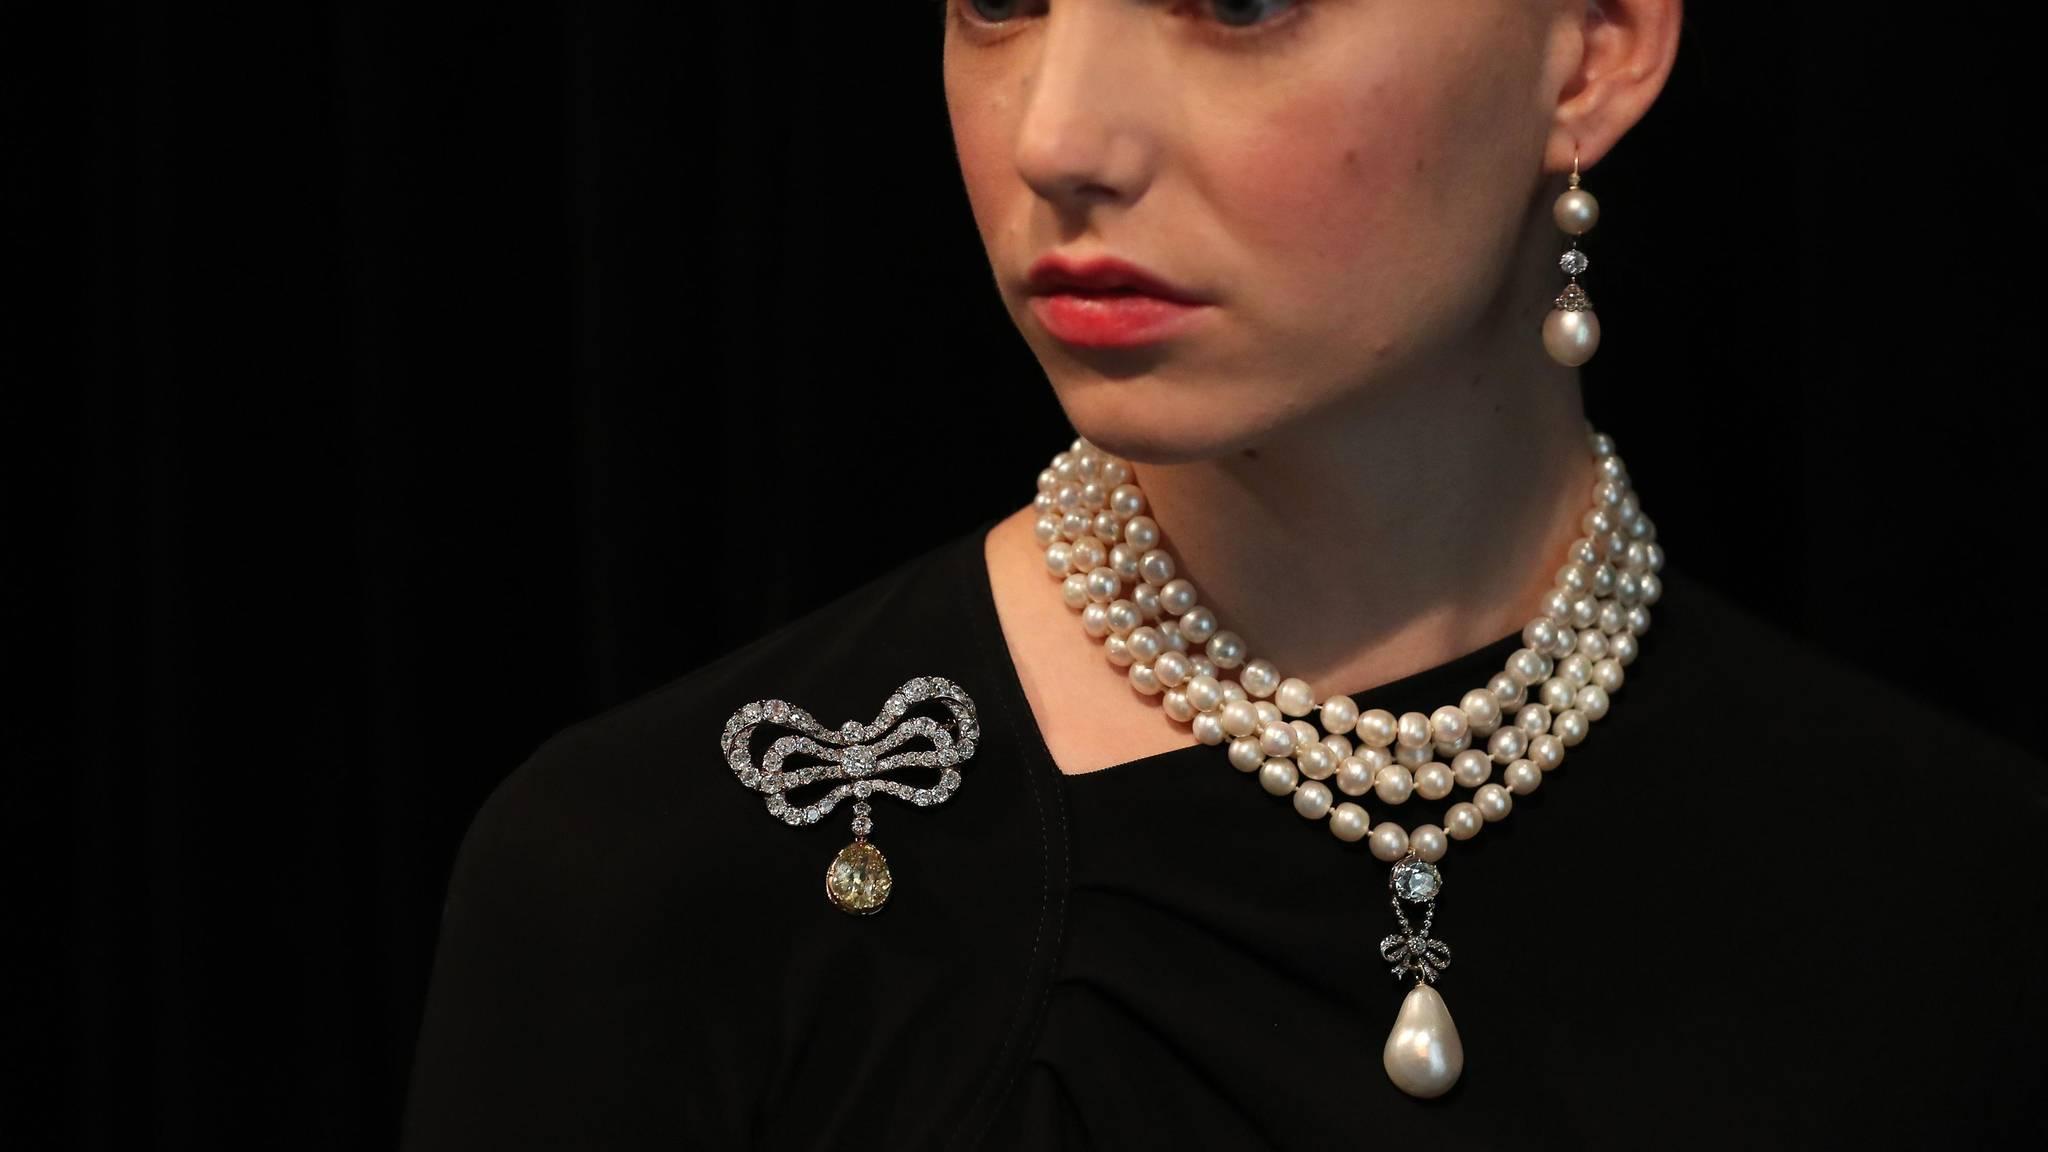 Von Versteigert Juwelen Für Rekordsumme Marie Antoinette bYfyv76g